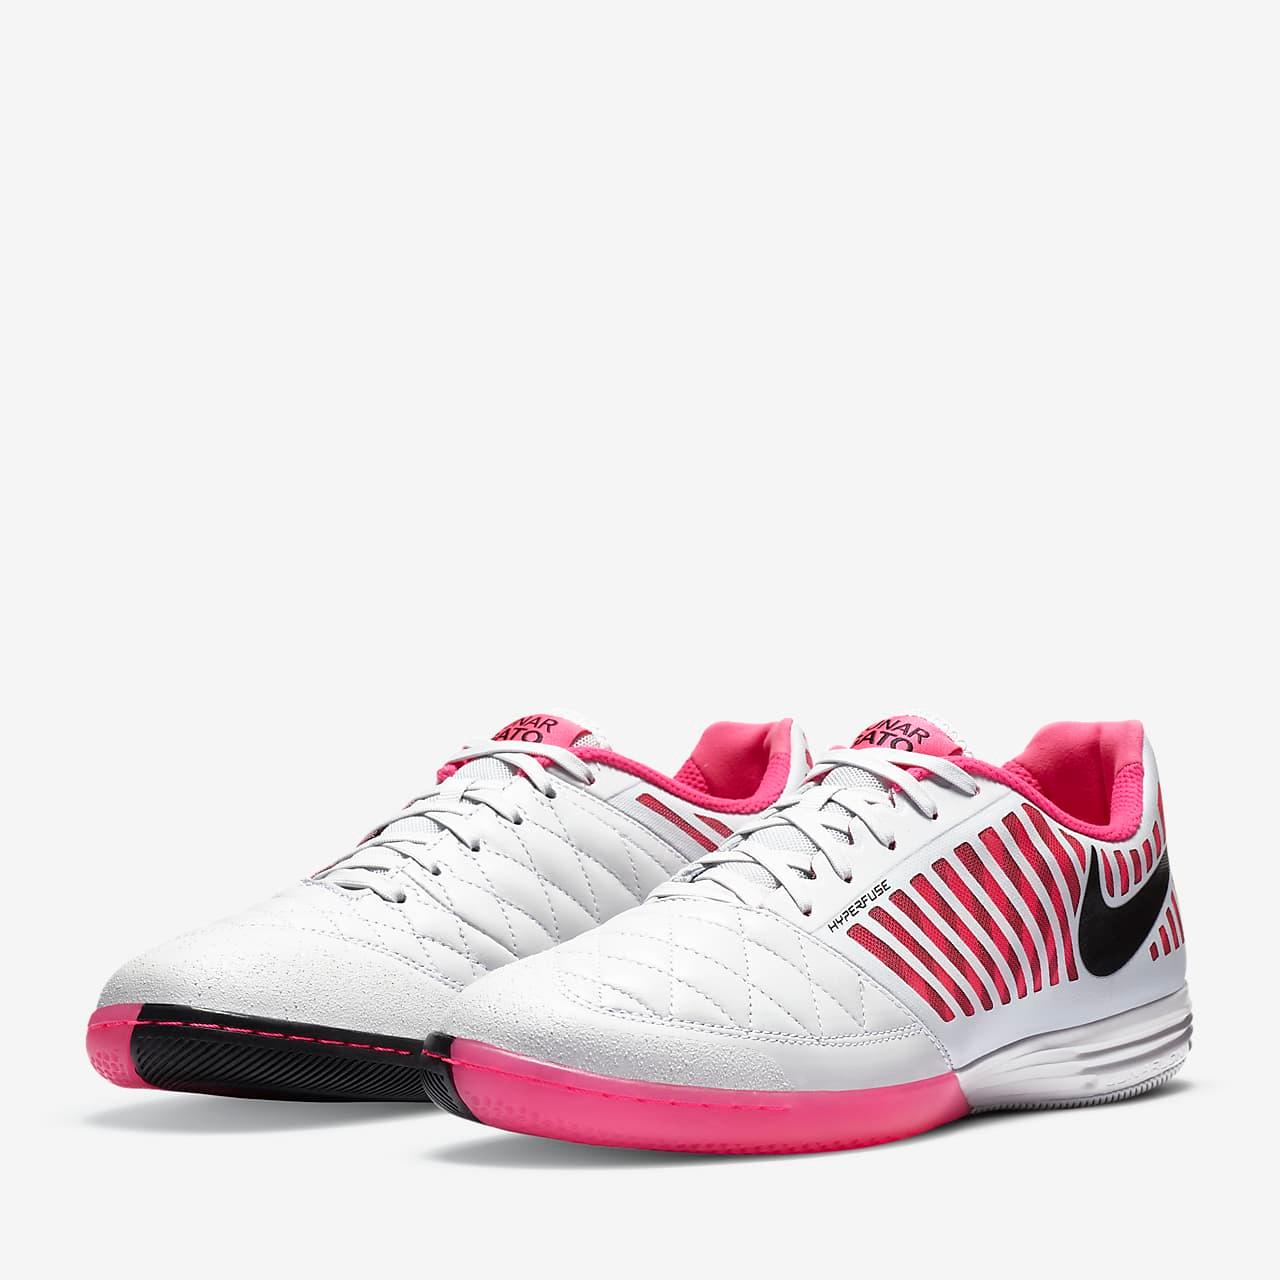 Футзалки Nike LunarGato IІ 580456-006